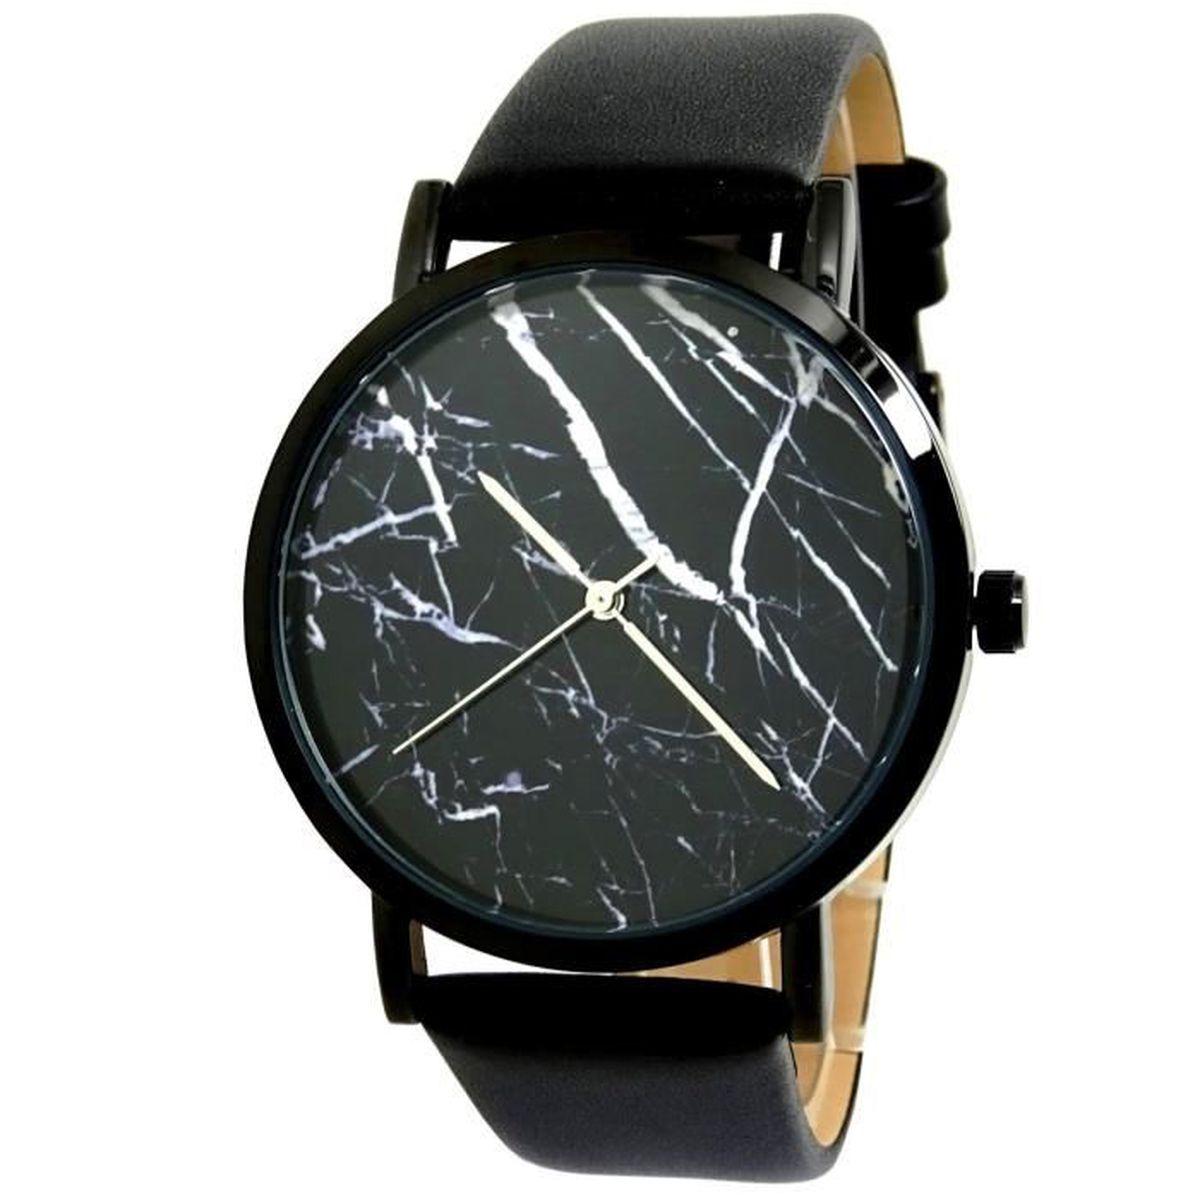 Montre noir et blanc for Miroir noir watch online